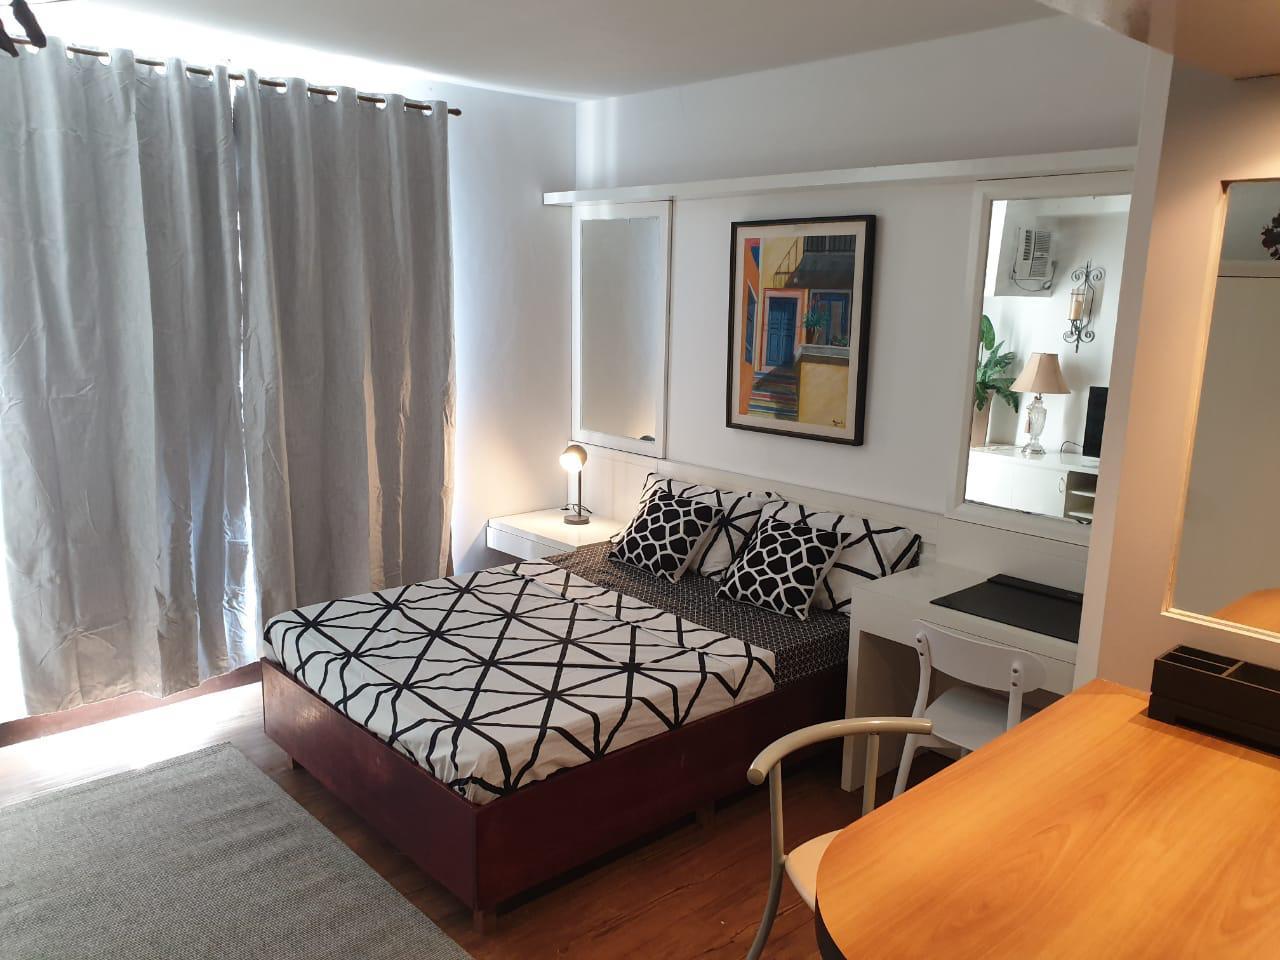 Studio Condo For Rent, Azotea Suites 2